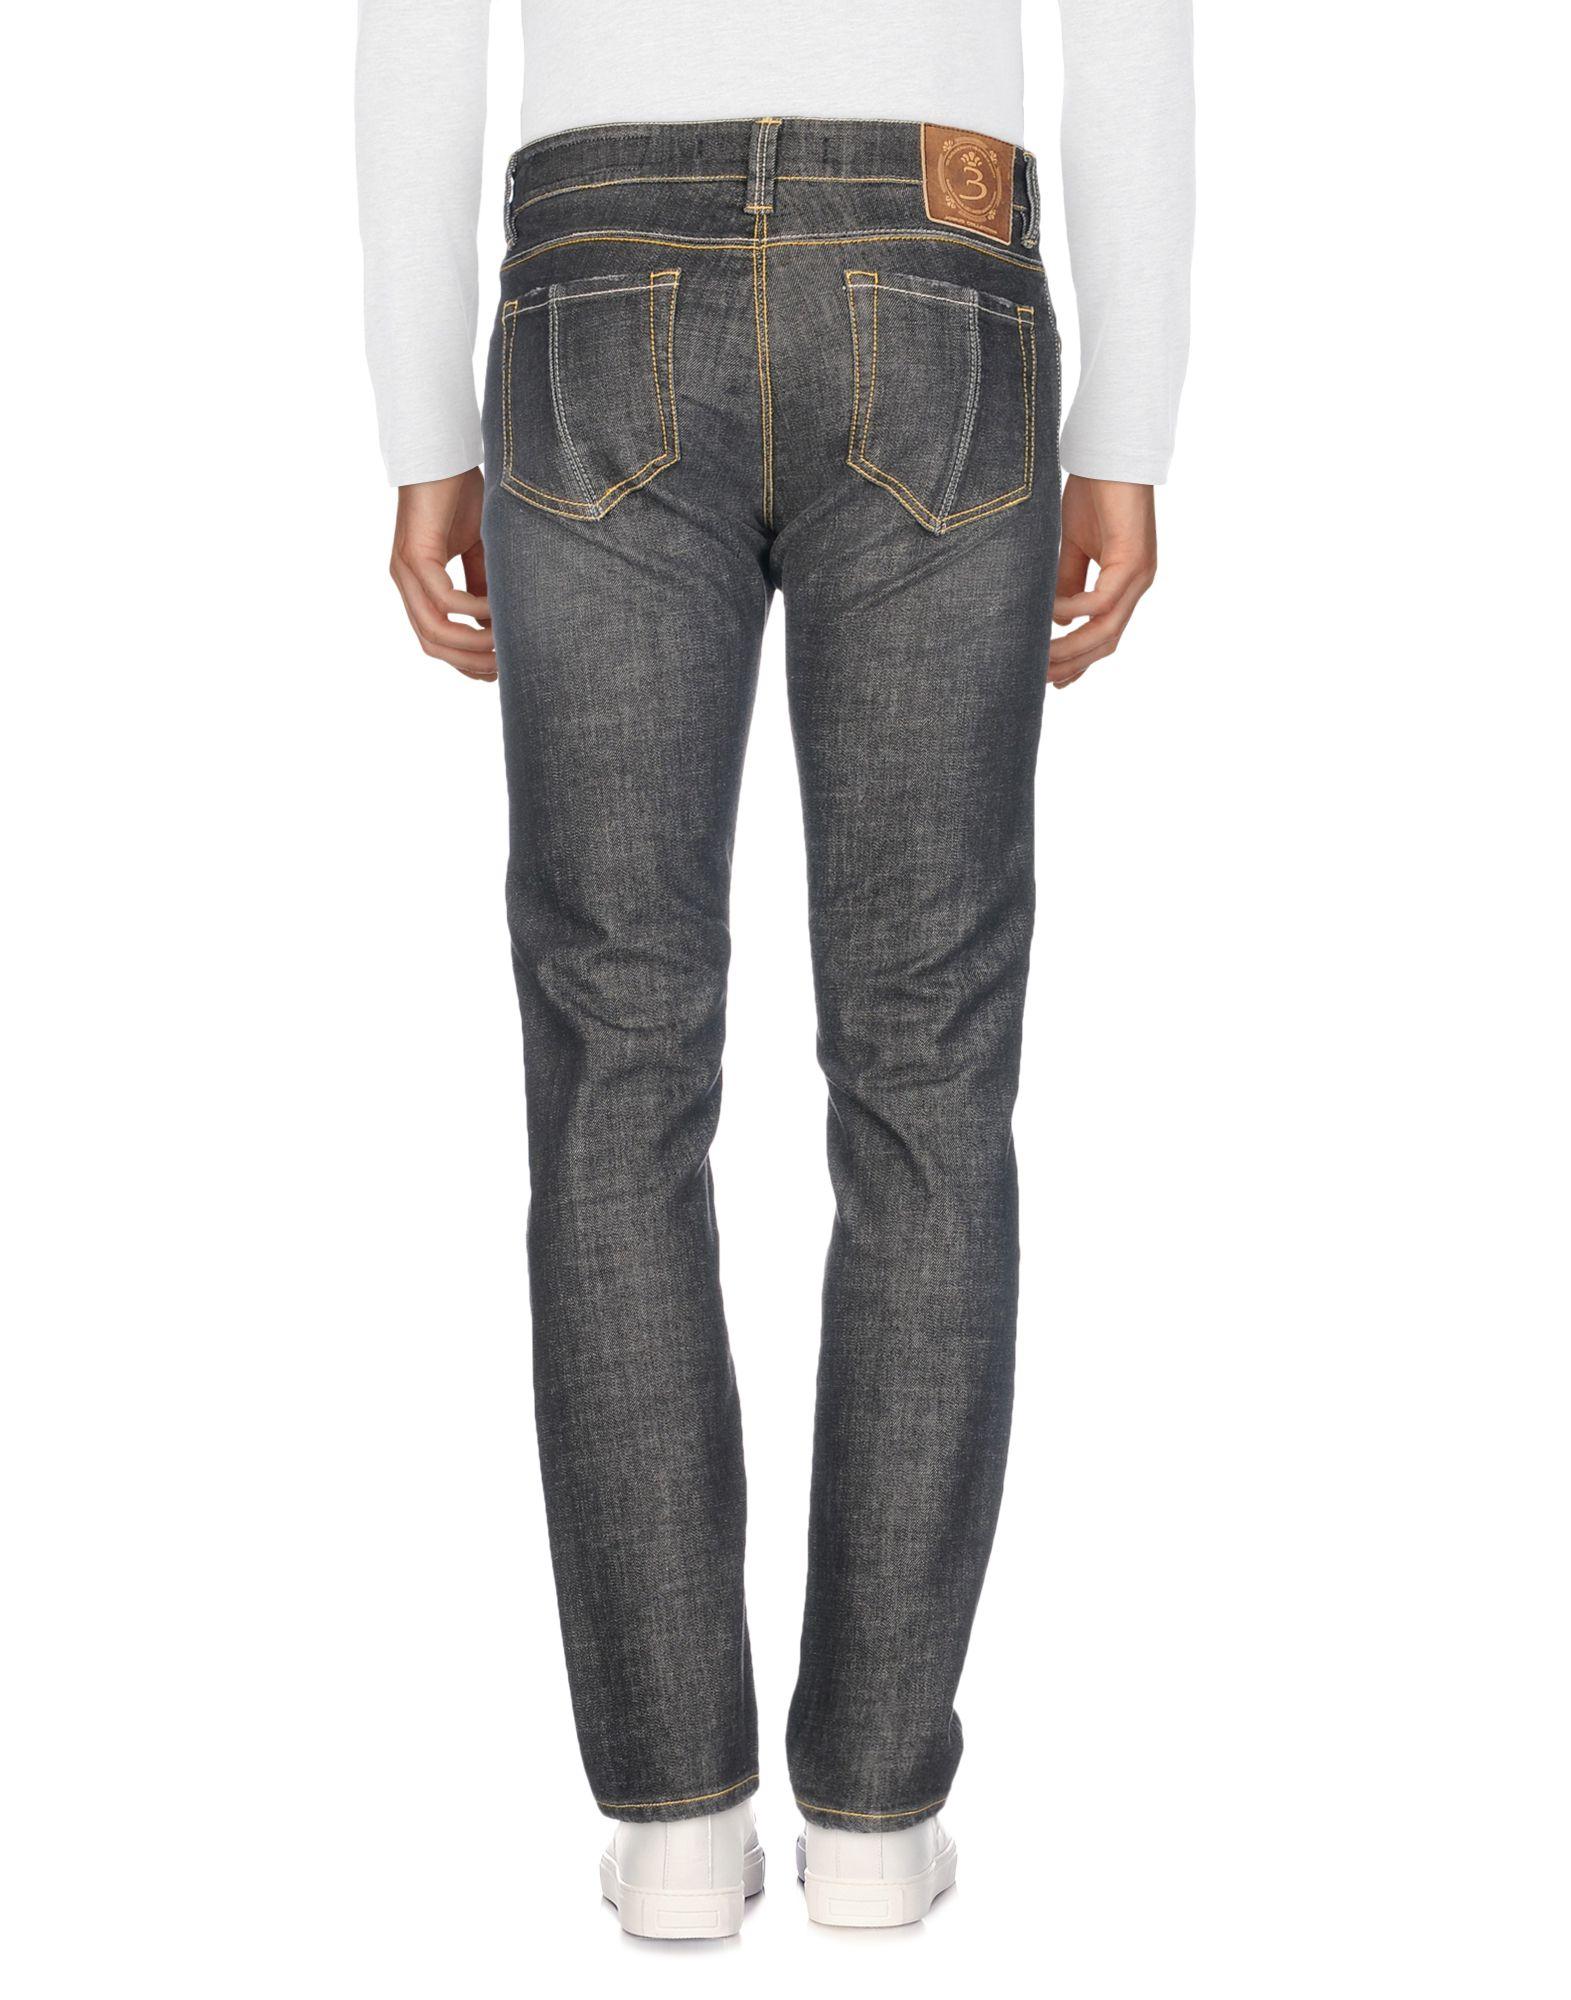 Pantaloni Jeans Napoli Barba Napoli Jeans Uomo - 42679058XD 8ba53d